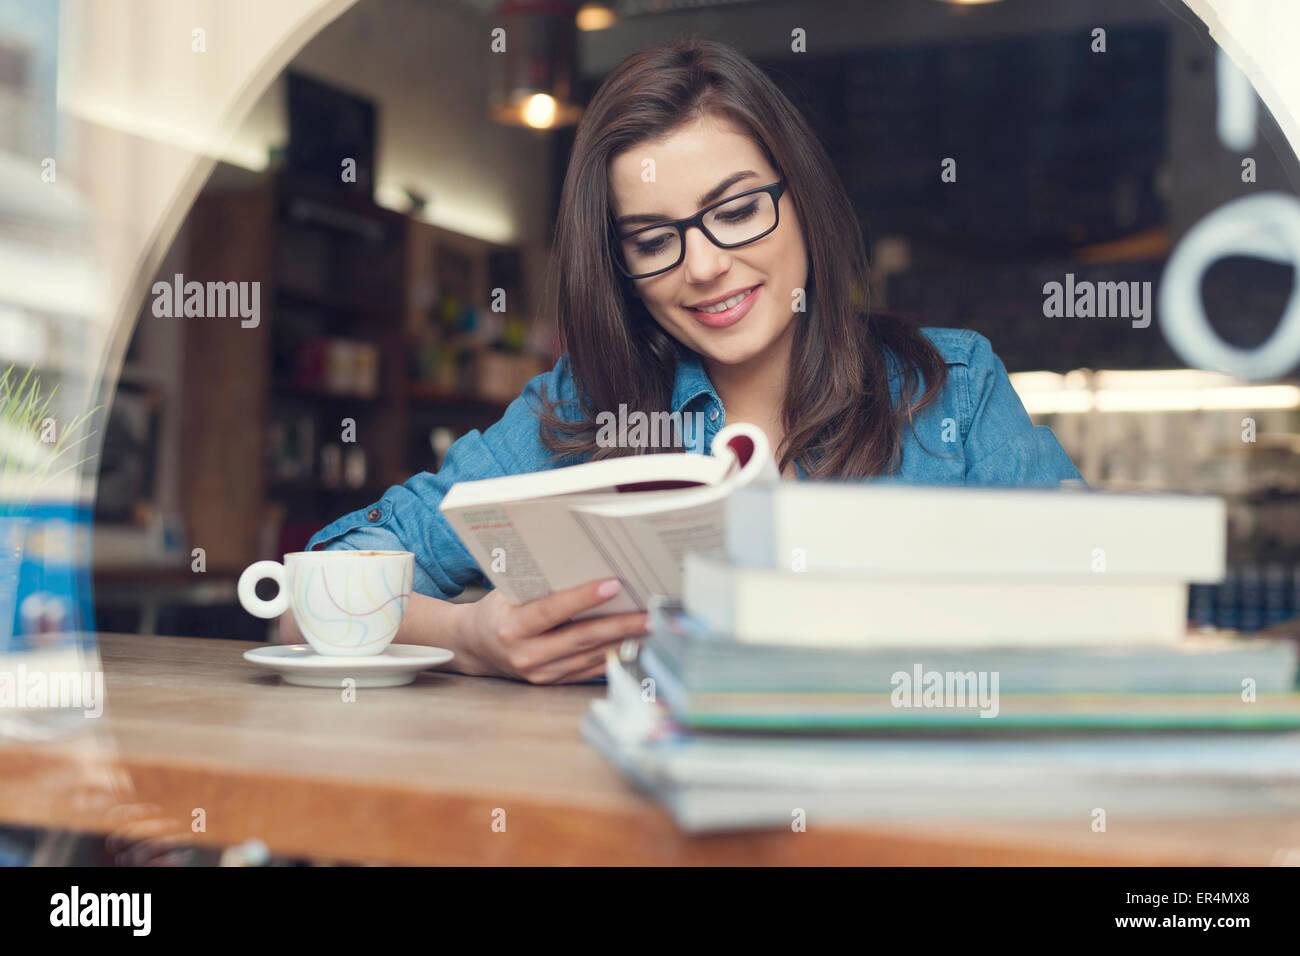 Hipster-Frau im Café zu studieren. Krakau, Polen Stockbild